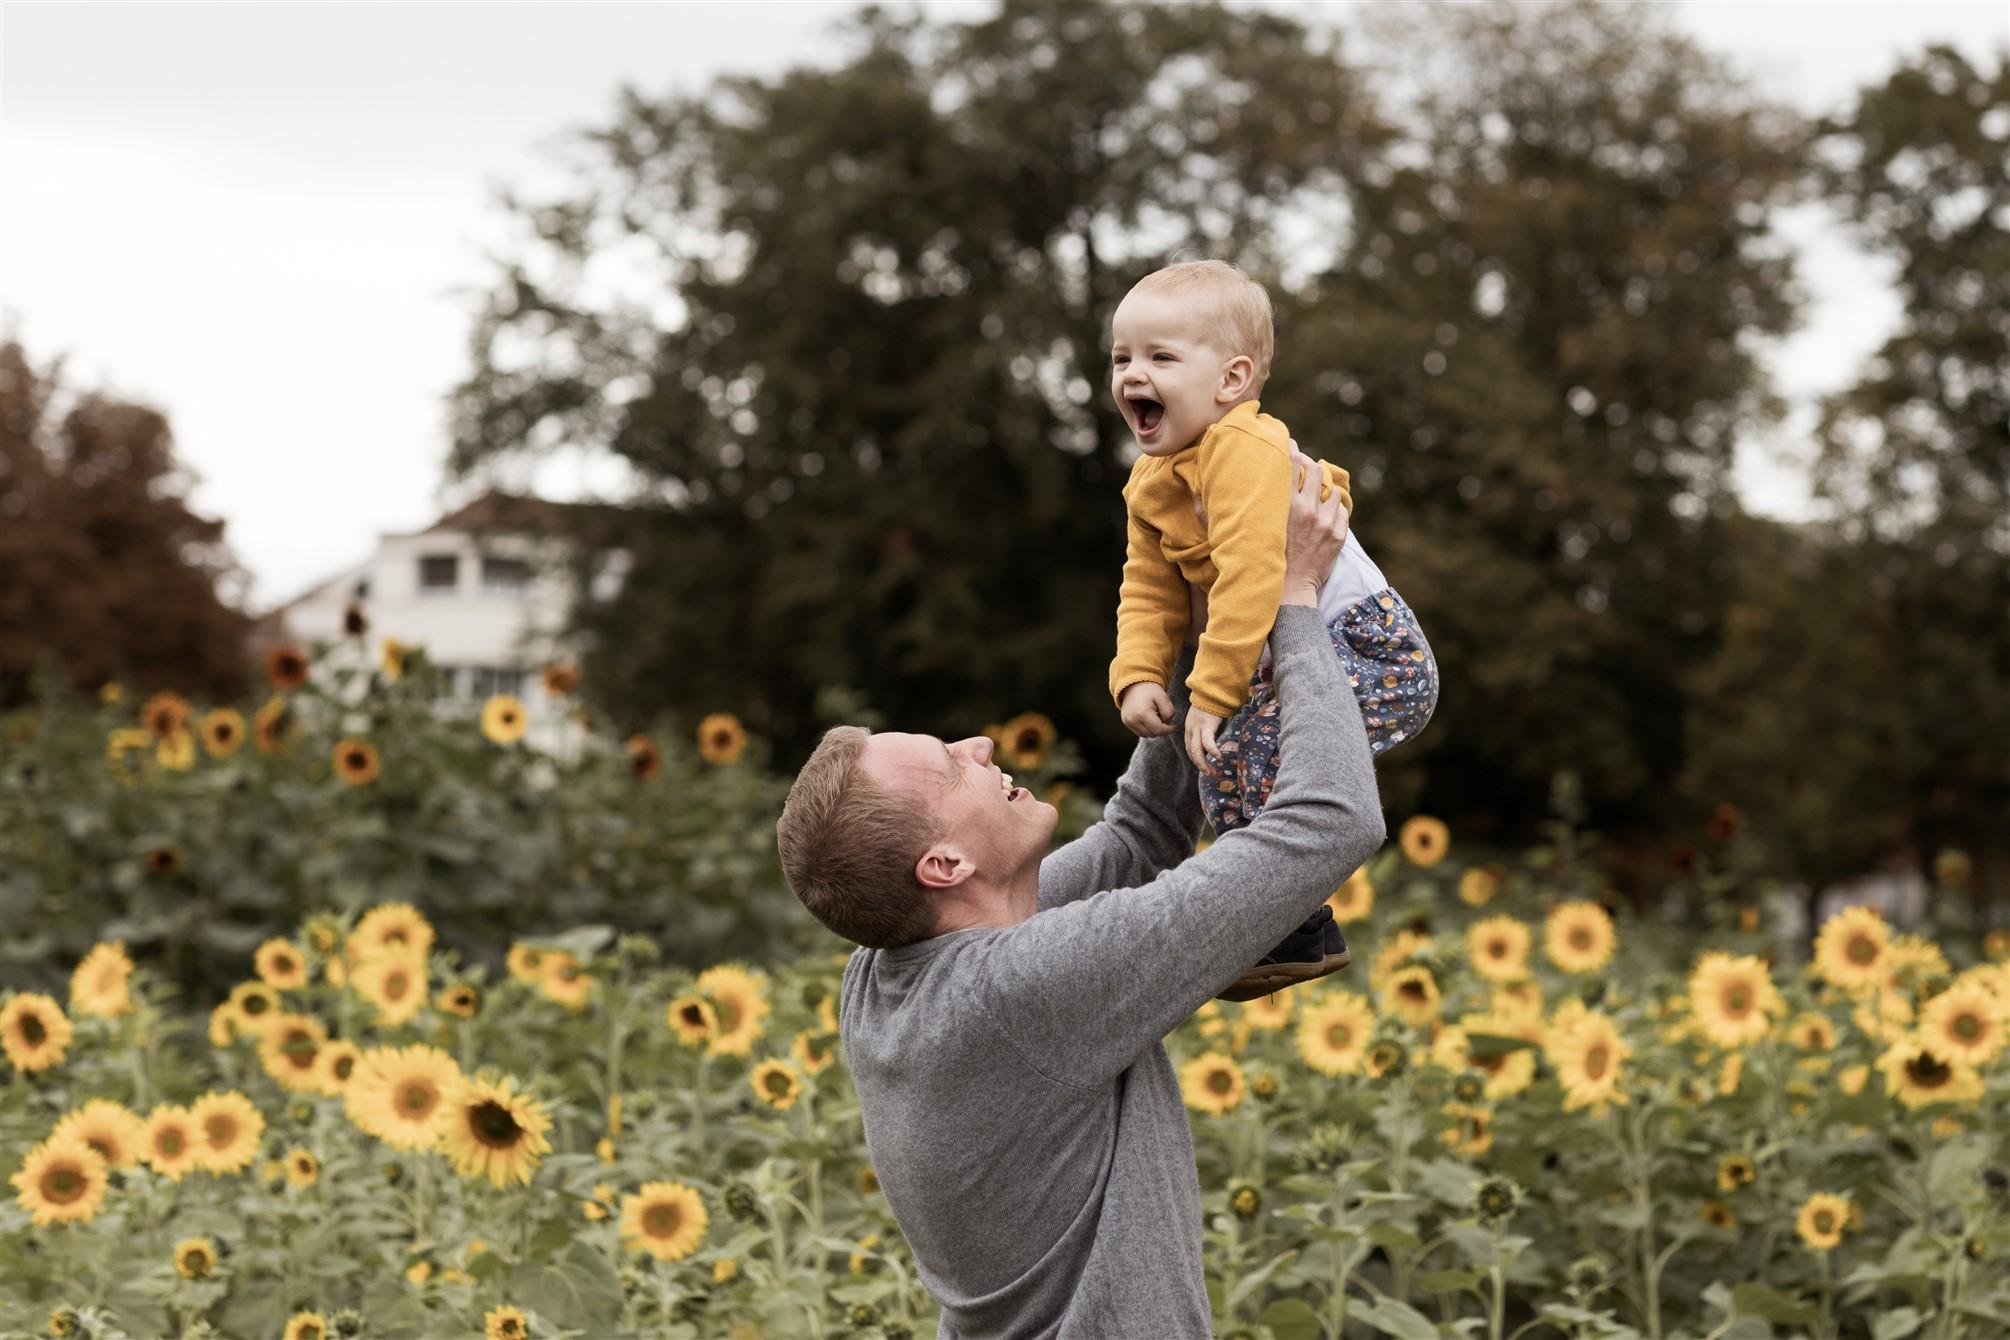 Familien Fotoshooting in Basel - Familienfotoshooting inmitten von Blumen - Der Papa mit seiner Tochter